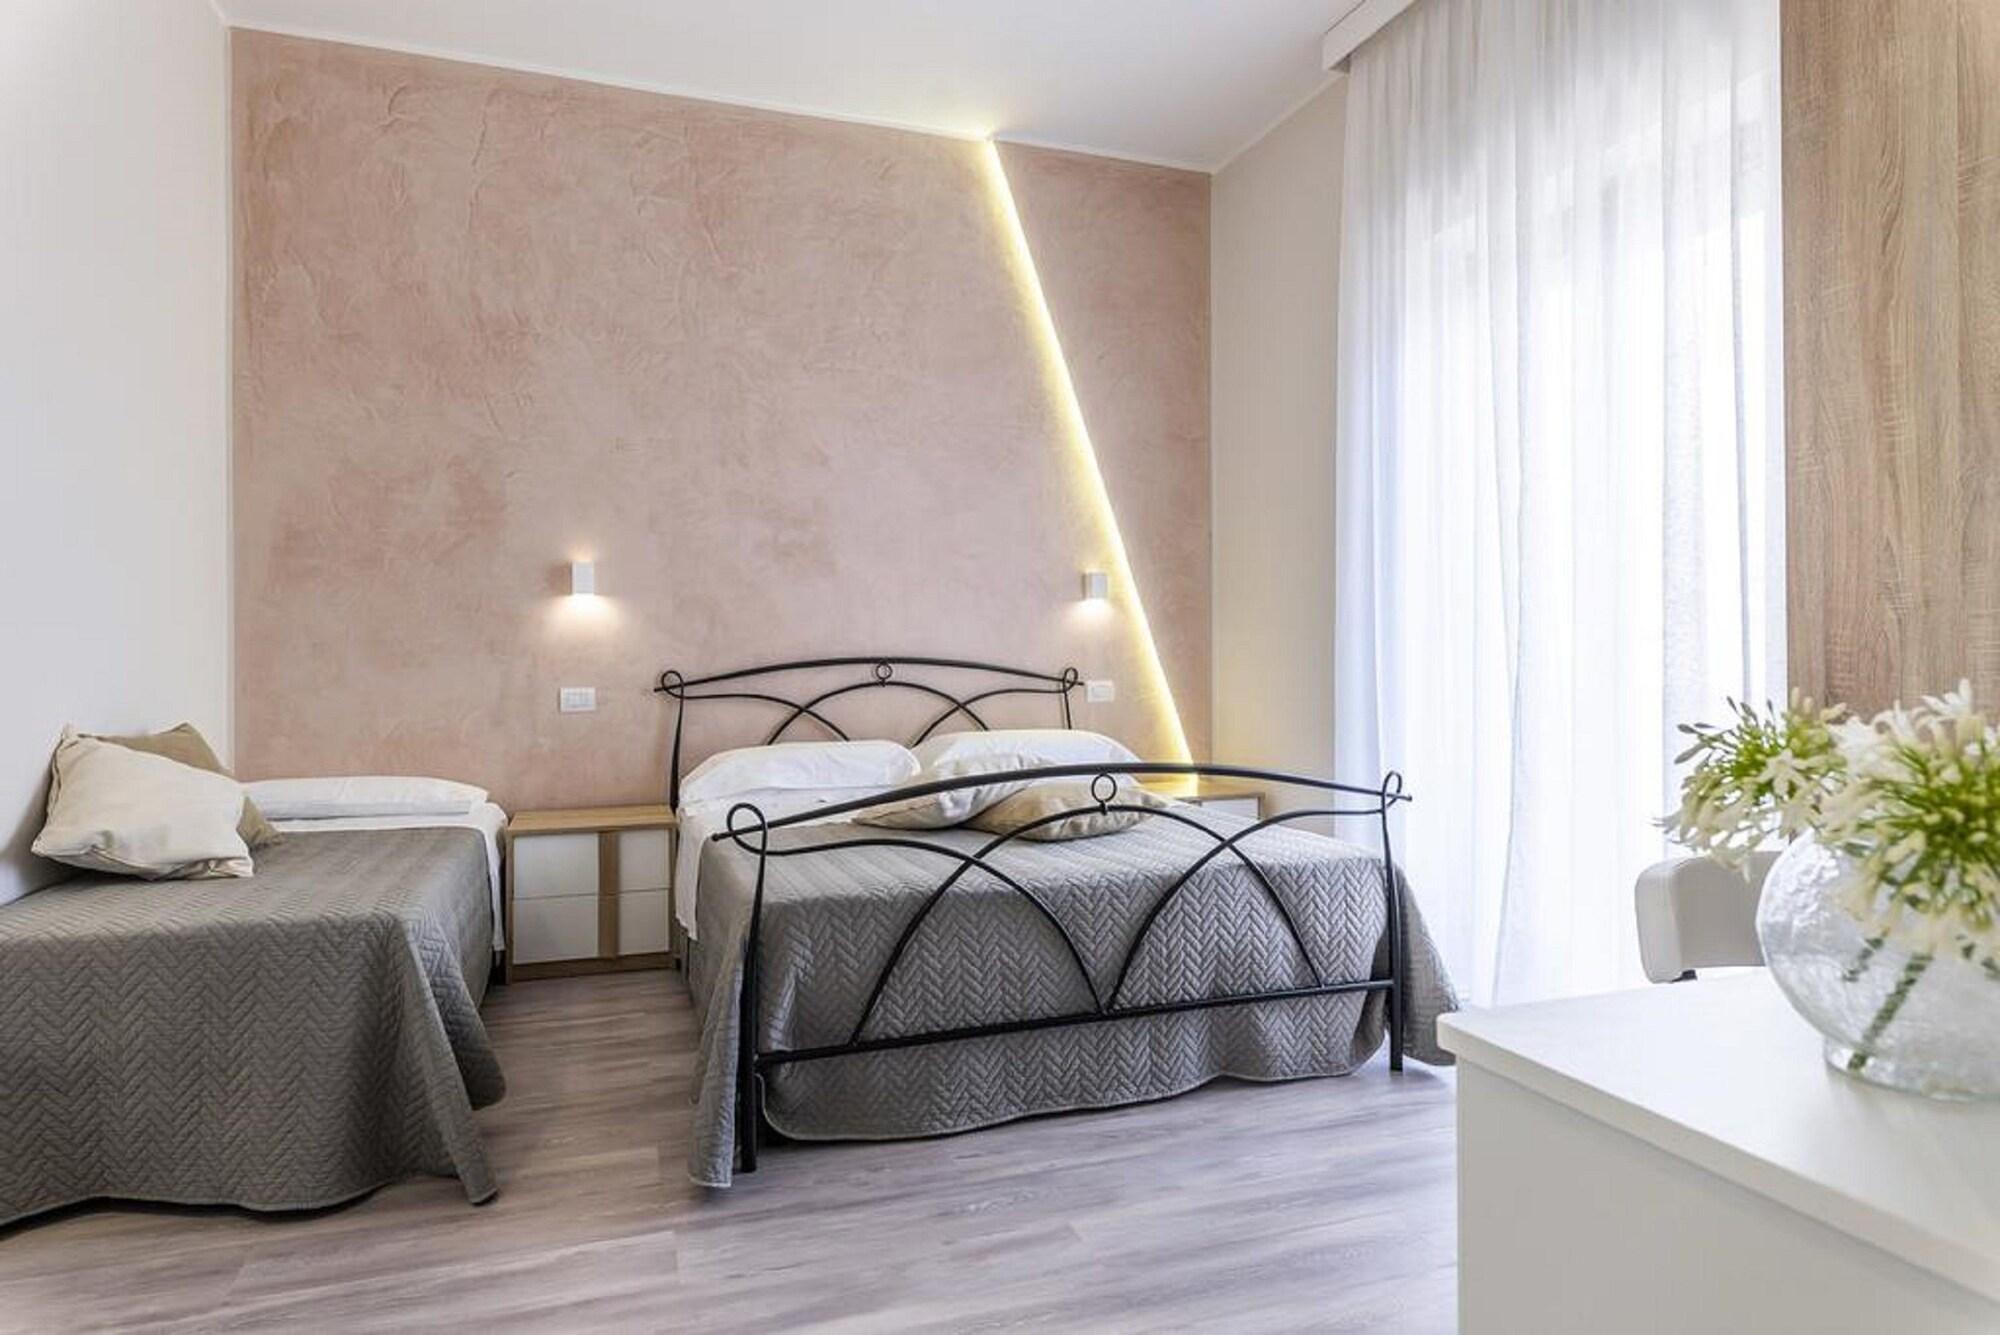 ViaMonti Hotel, Lecce